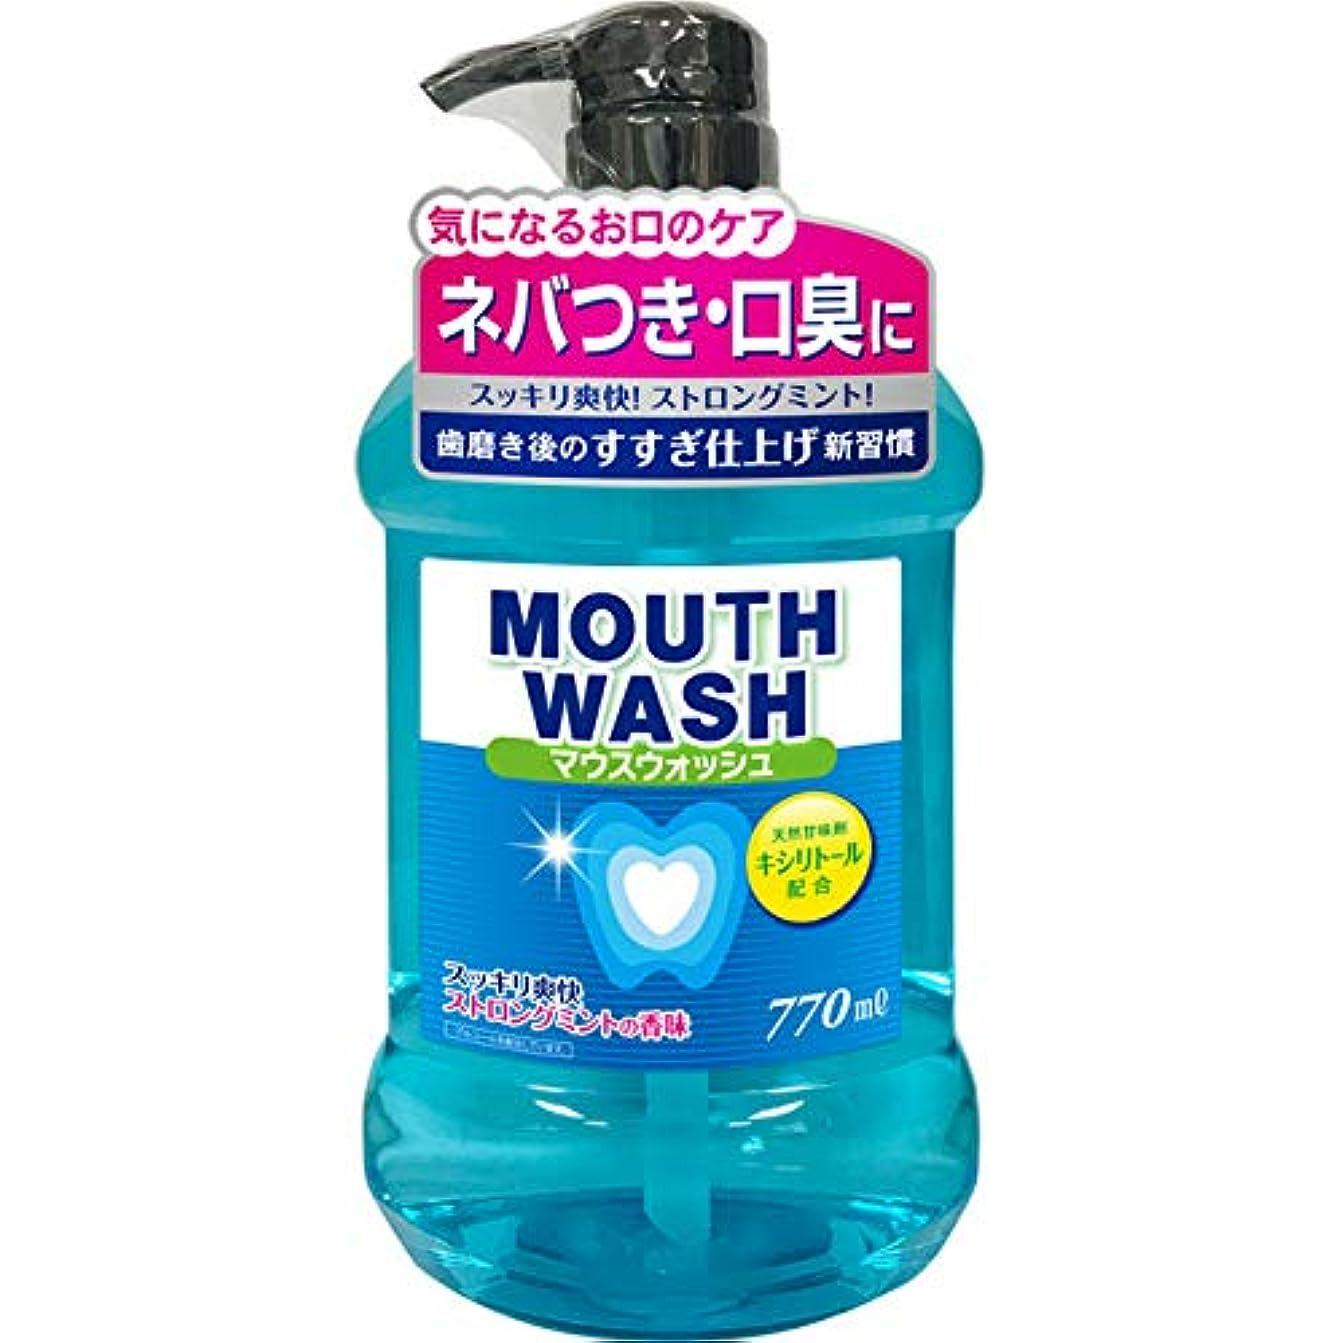 発表するリード振り子オールデントマウスウォッシュ ストロングミントの香味 770ml